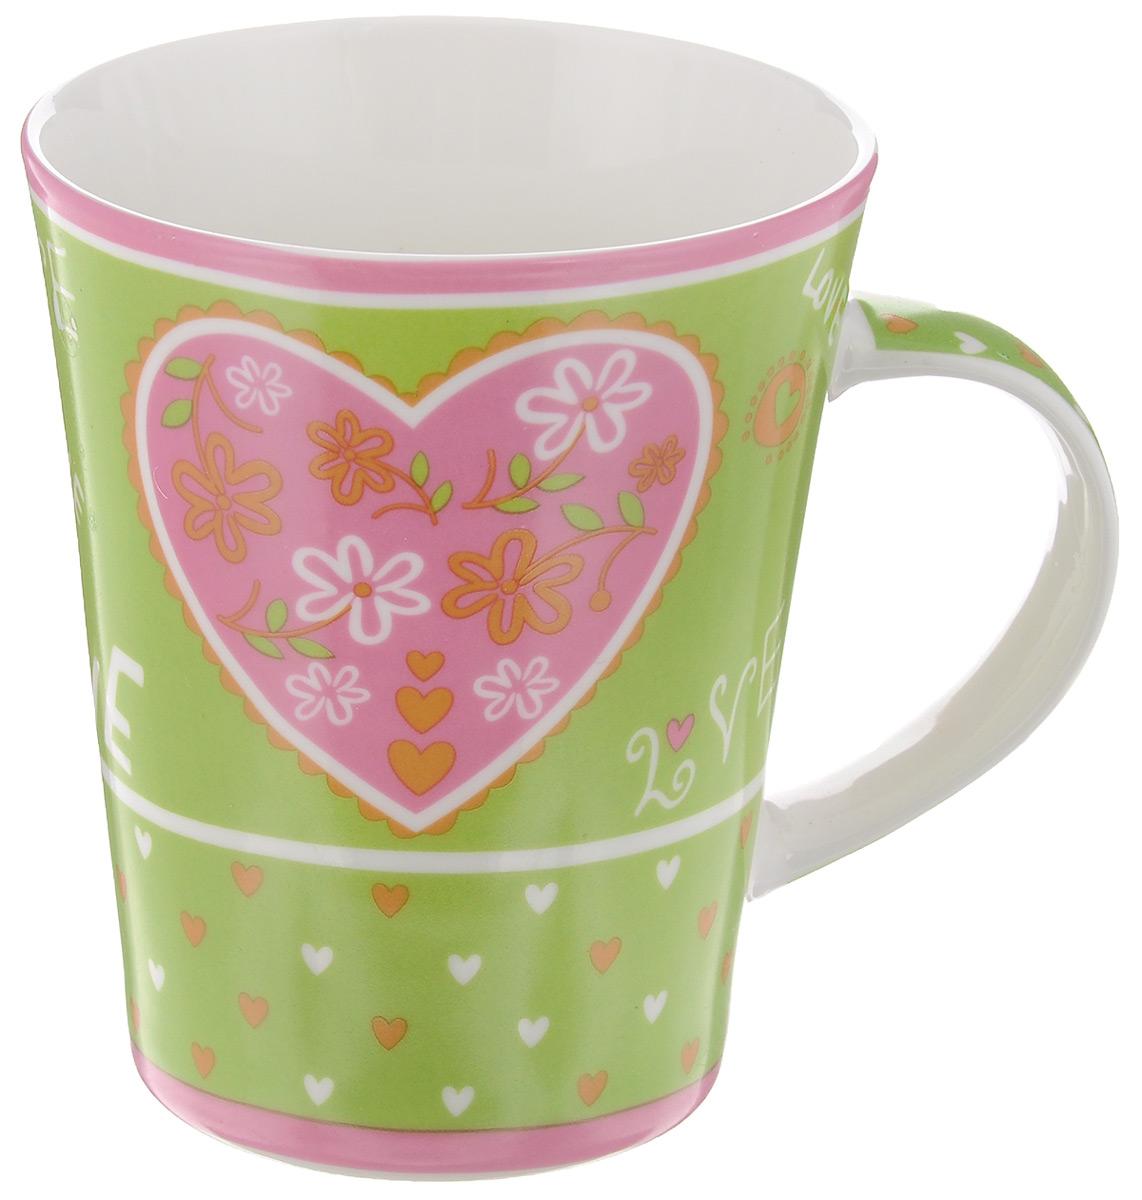 Кружка Loraine Love, цвет: зеленый, розовый, 400 мл22119_зеленый, розовыйОригинальная кружка Loraine Love выполнена из высококачественного фарфора и украшена изображением сердечек и надписями. Изделие оснащено эргономичной ручкой. Кружка Loraine Love сочетает в себе яркий дизайн и функциональность. Она согреет вас долгими холодными вечерами.Диаметр кружки (по верхнему краю): 9 см.Высота кружки: 11 см. Объем: 400 мл.